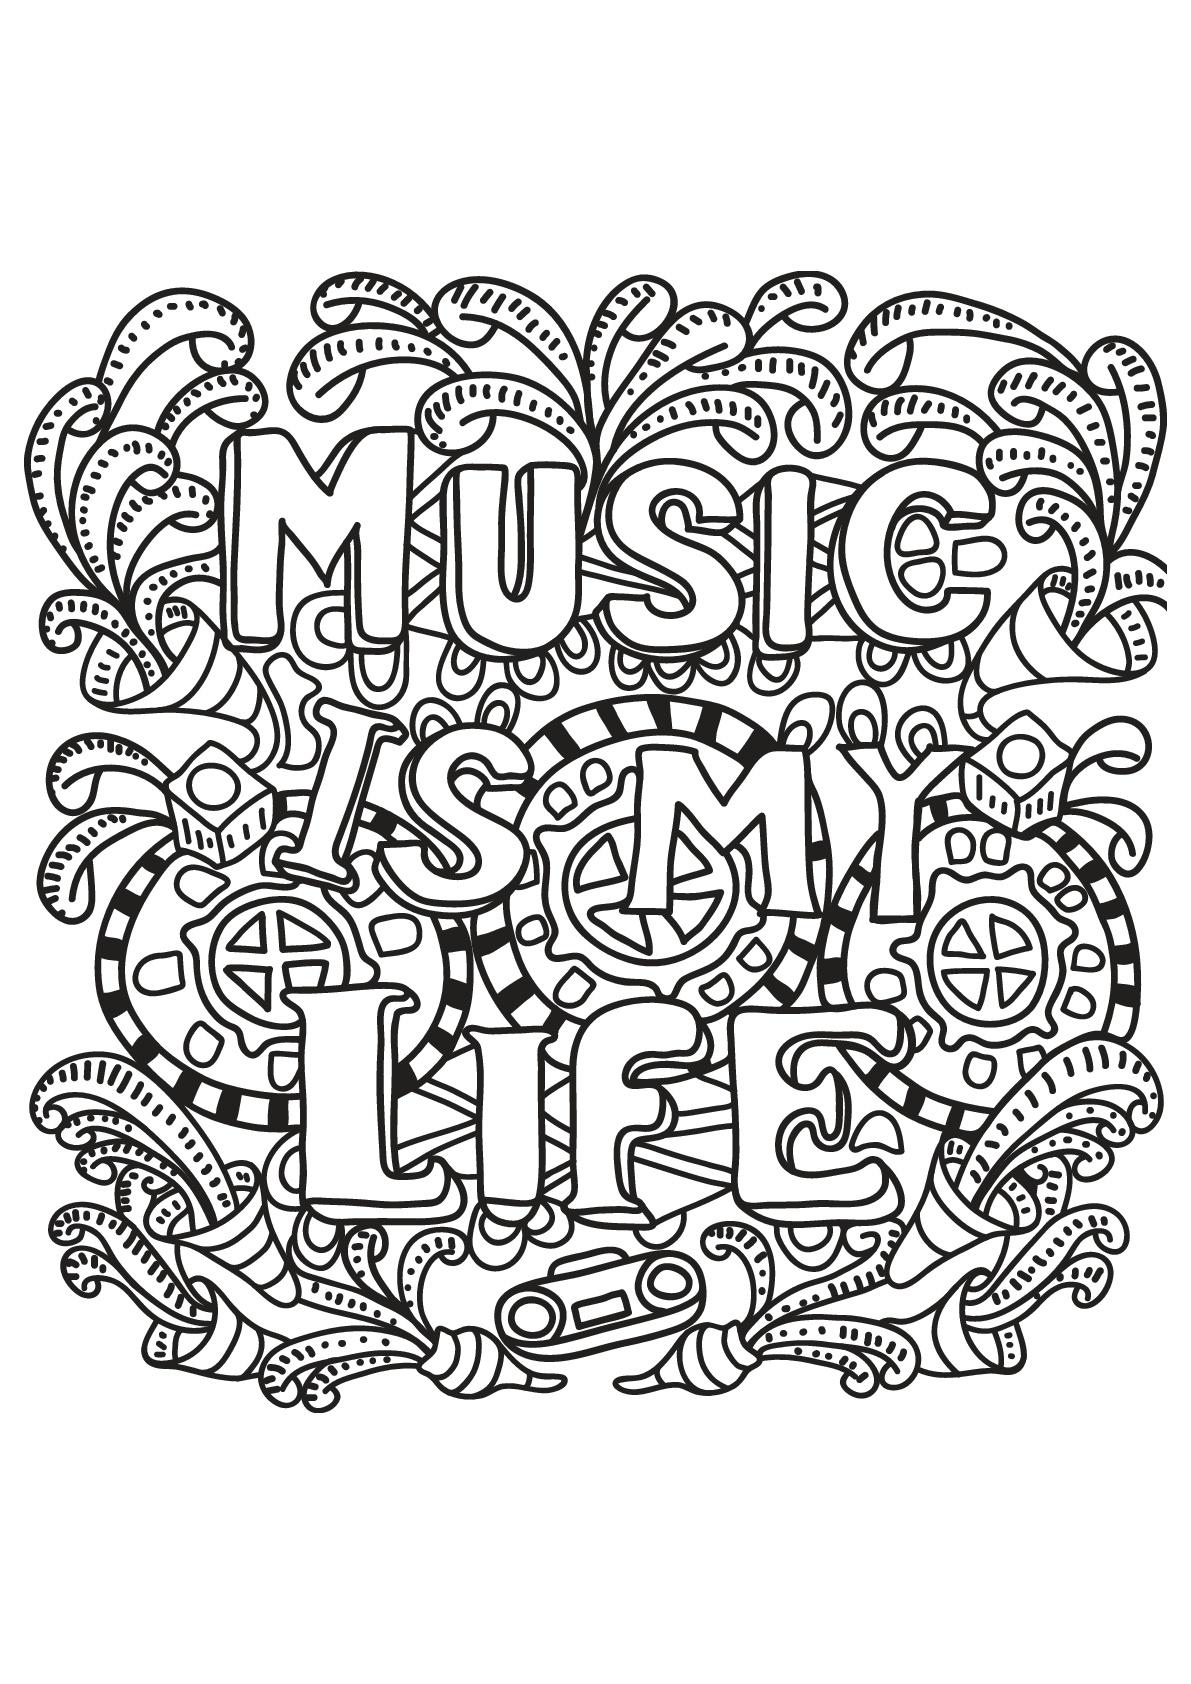 Music is my life (La musique c'est ma vie)